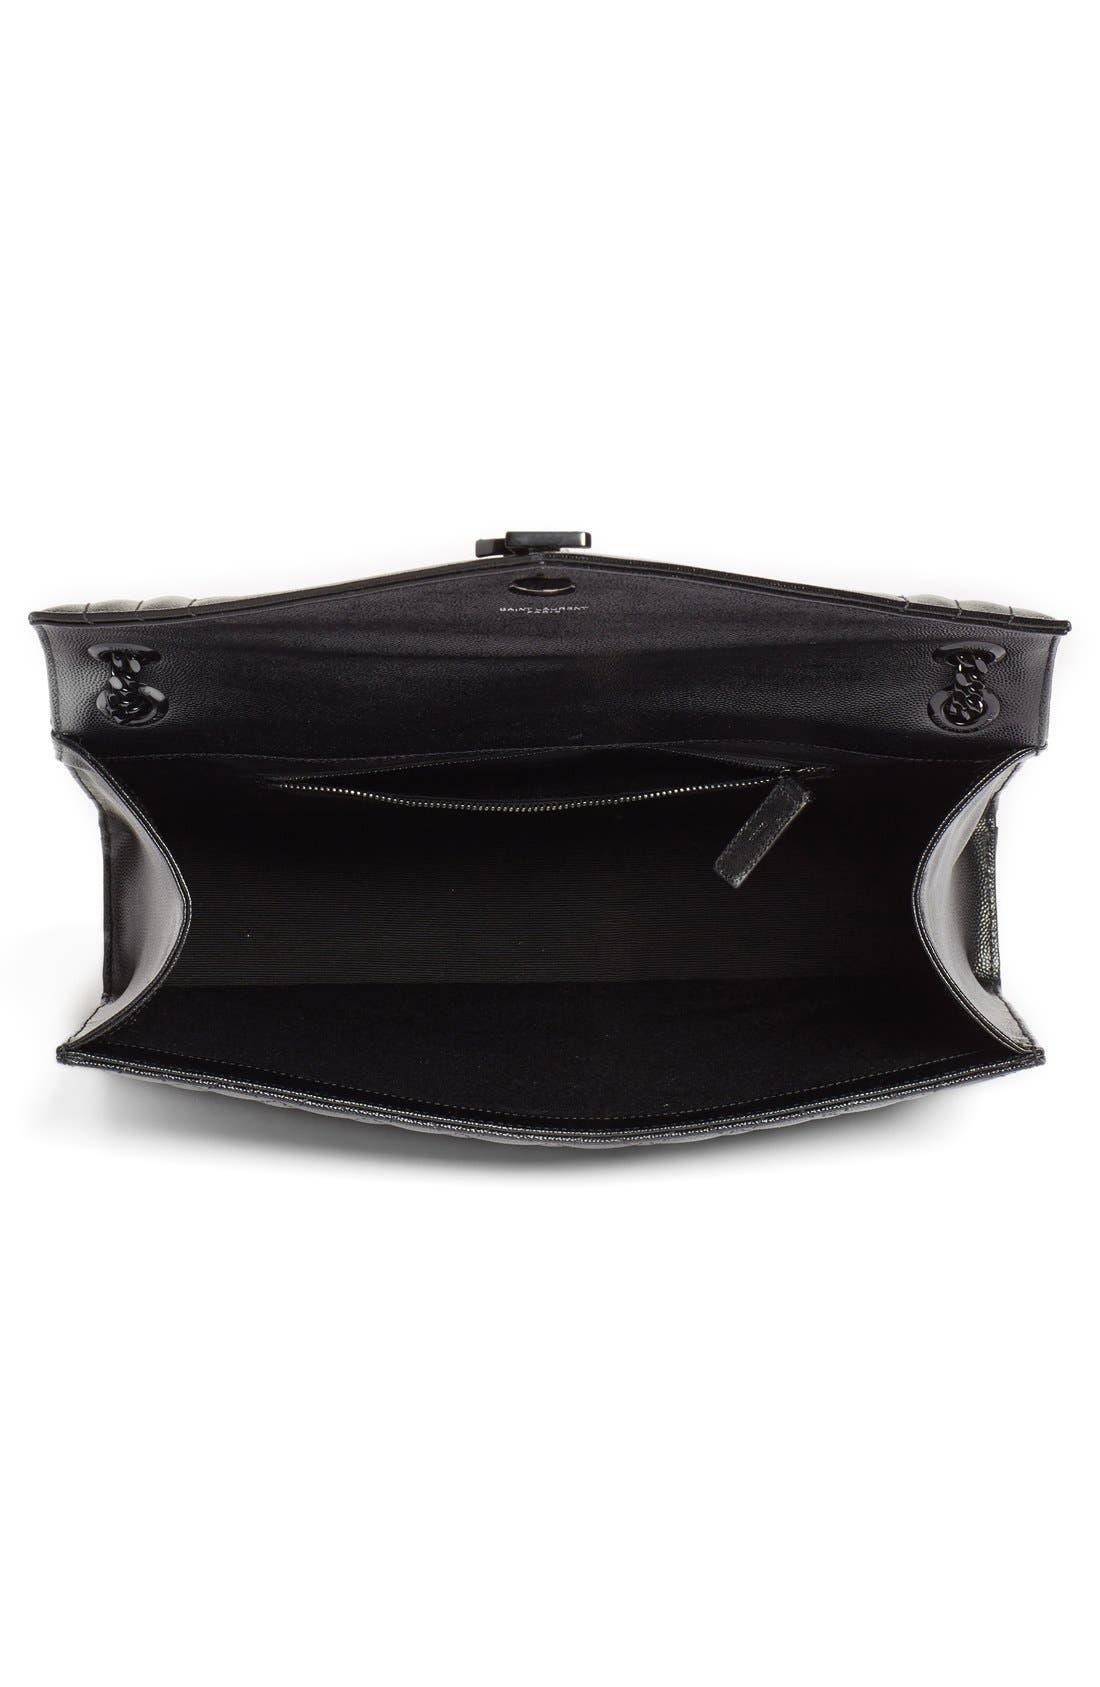 SAINT LAURENT, 'Medium Monogram' Chevron Quilted Leather Shoulder Bag, Alternate thumbnail 2, color, 001